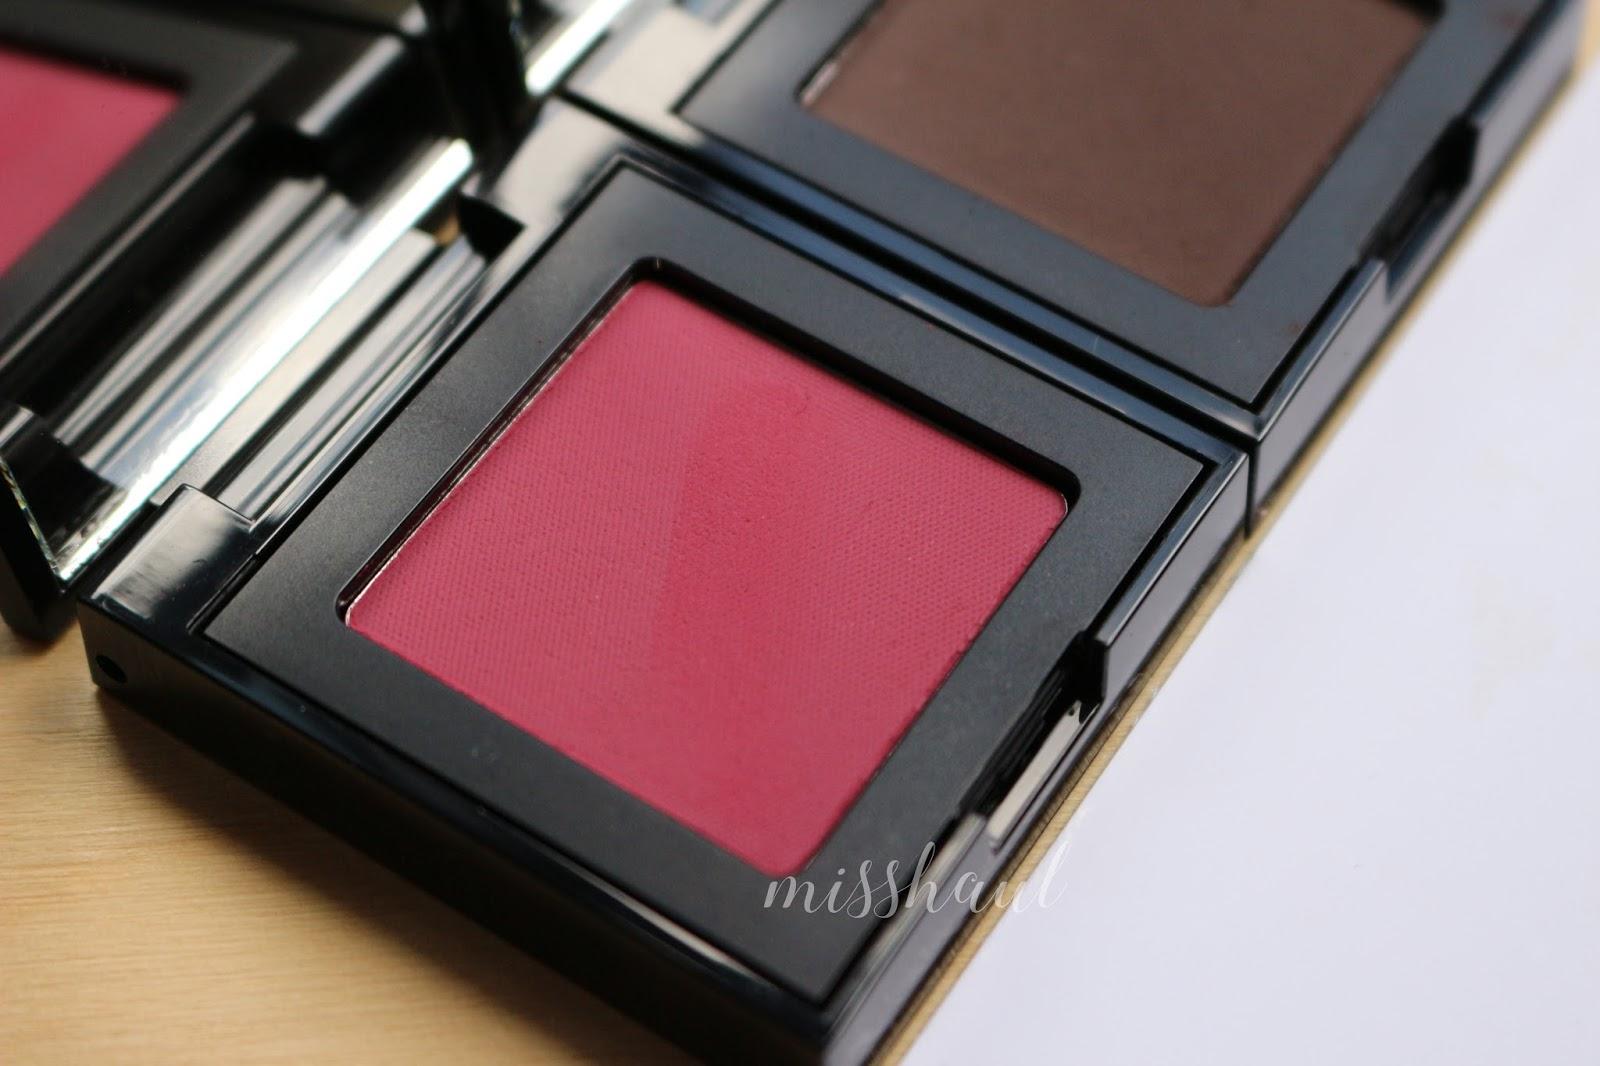 Defa cosmetics cosmetici naturali vegan e cruelty free misshaul - Profondo rosso specchio ...